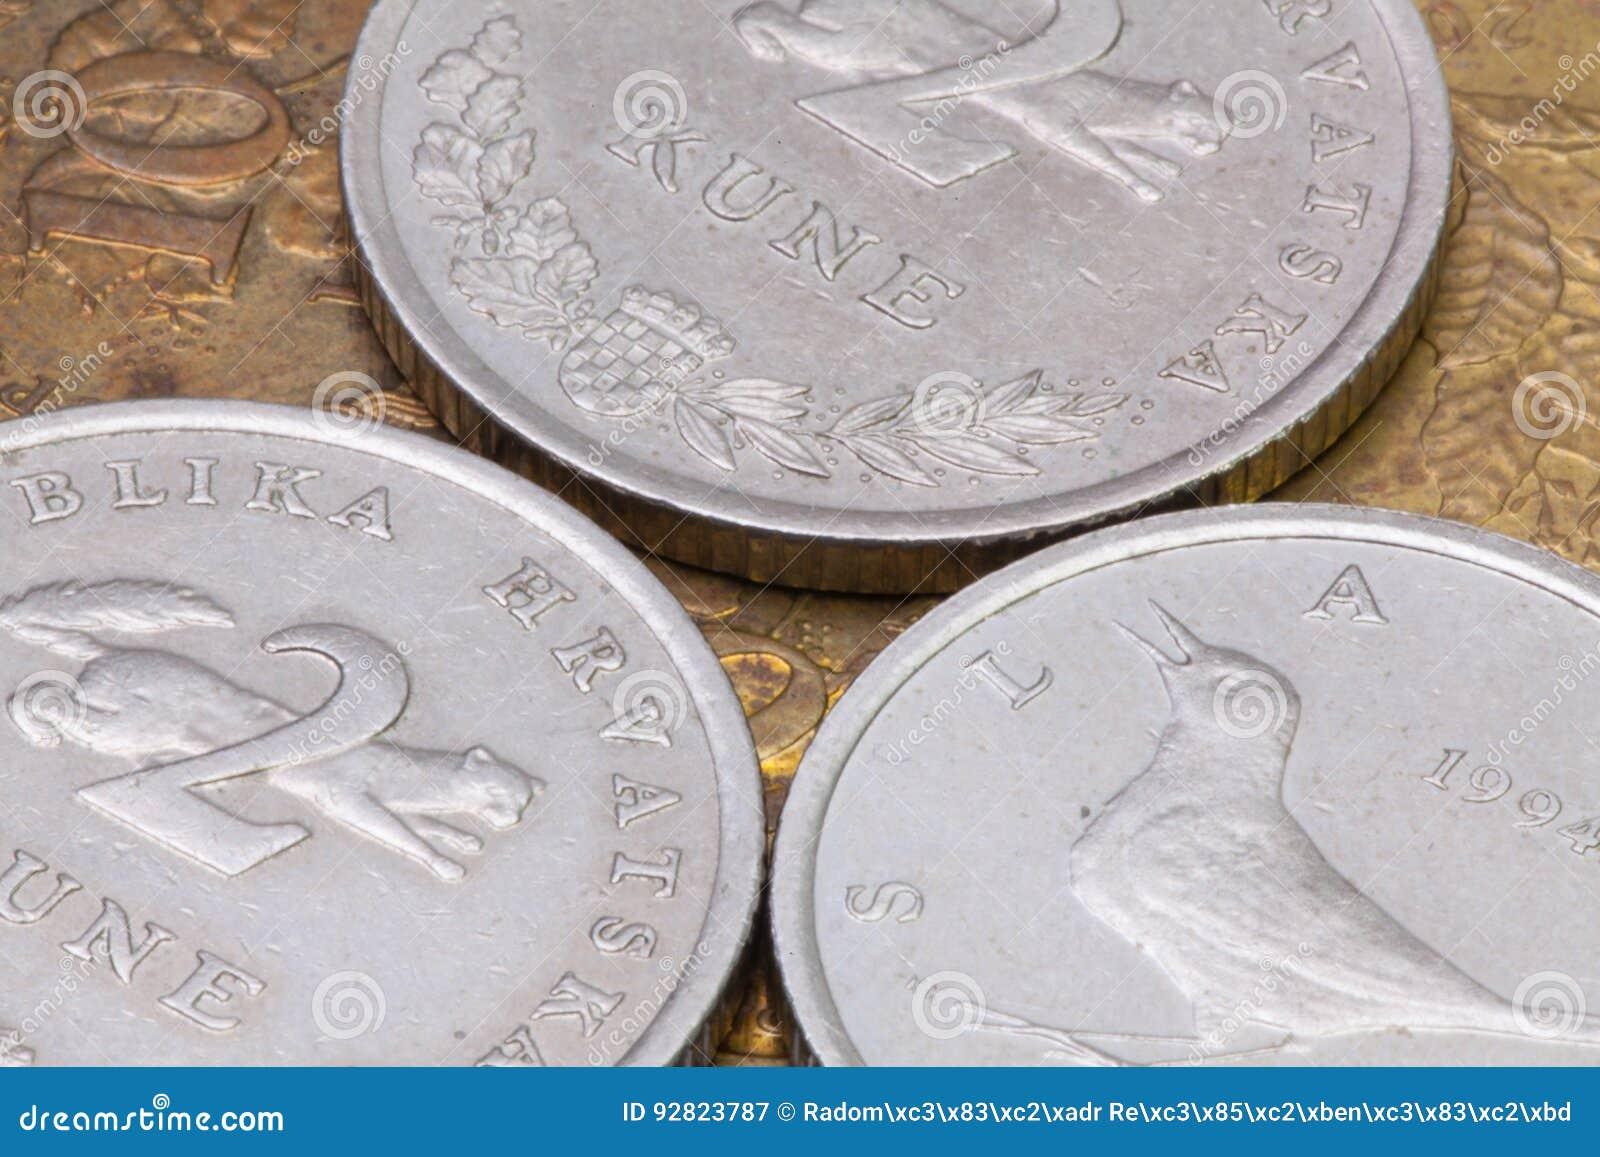 Detail Von Verschiedenen Münzen Von Kroatien Stockbild Bild Von